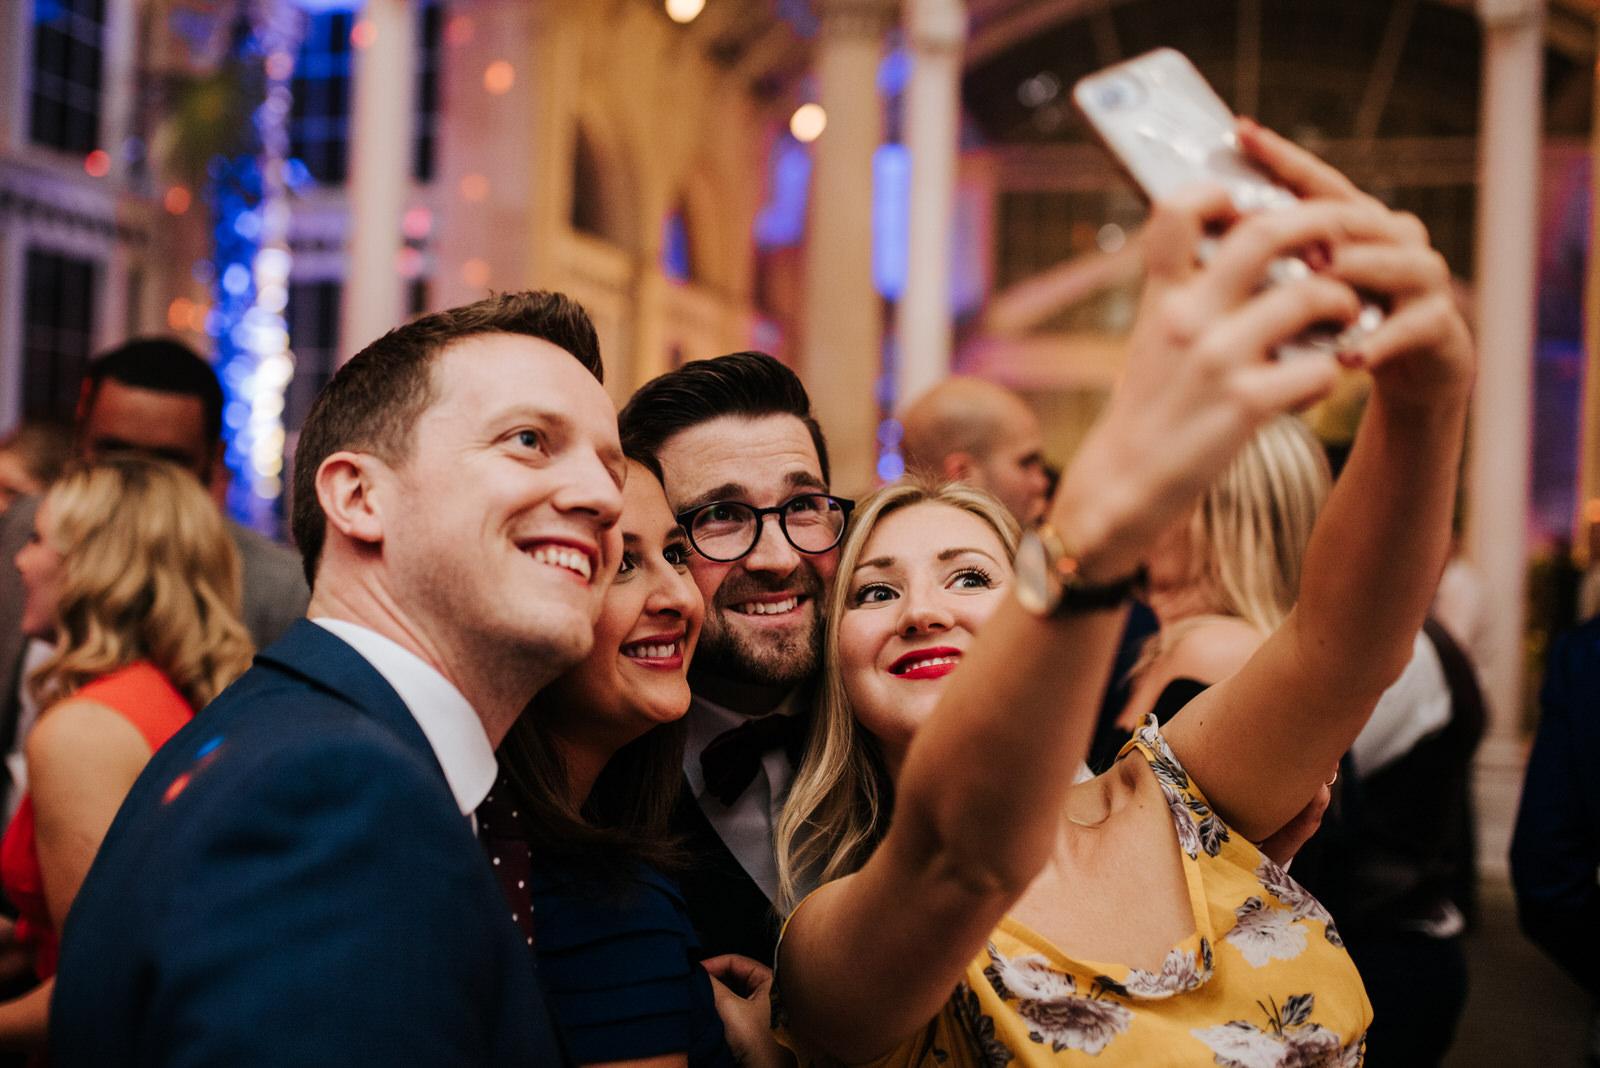 Guests take wedding selfie with groom